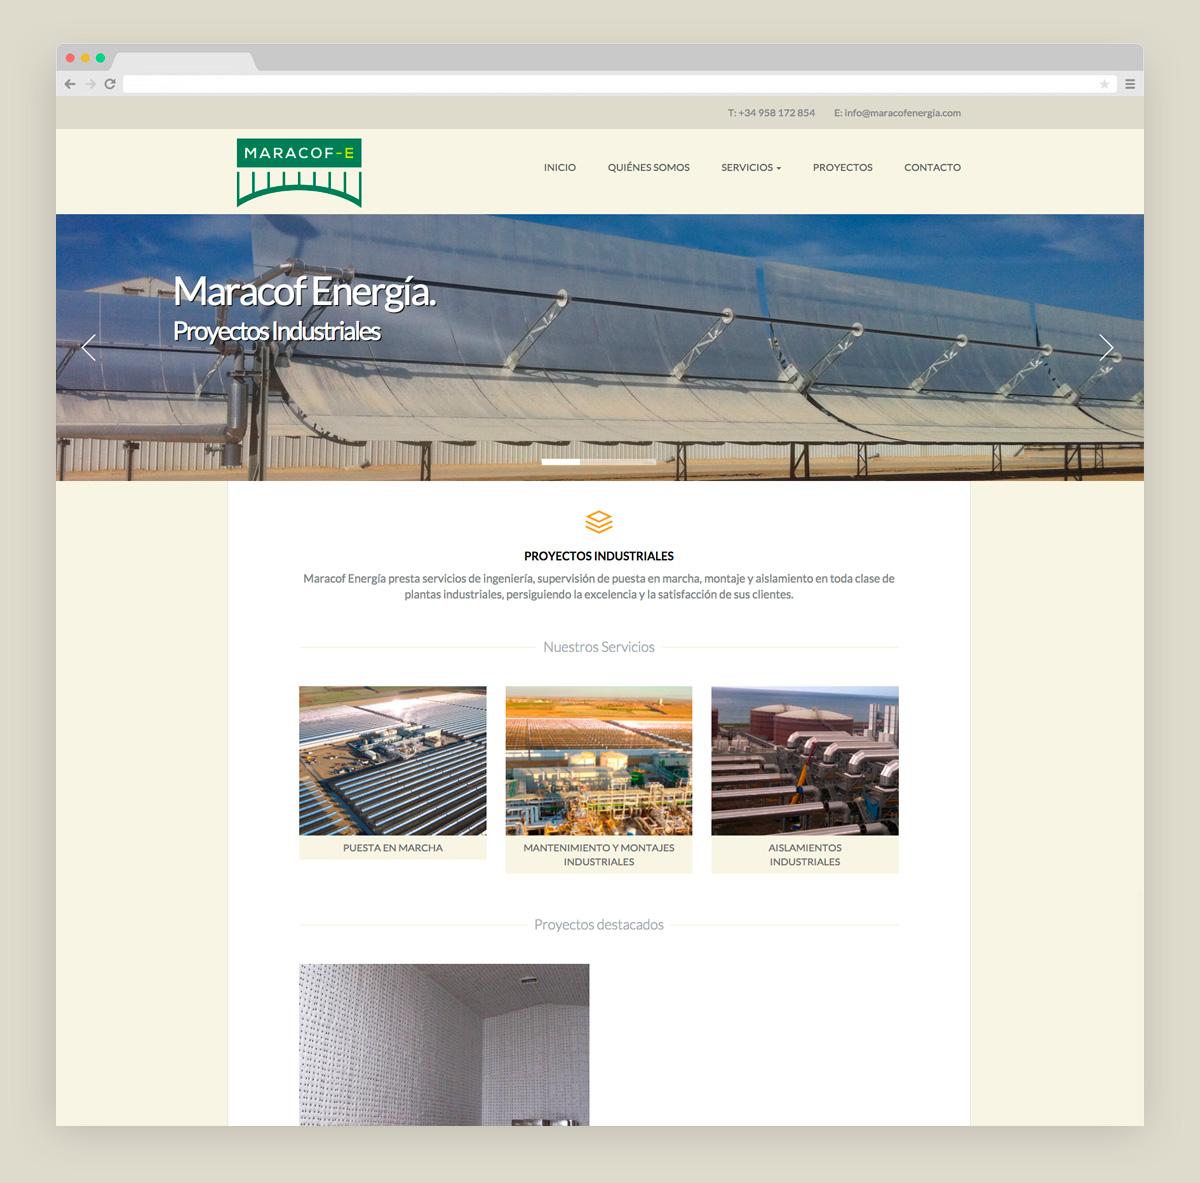 Imagen adicional 1 del proyecto Maracof Energía